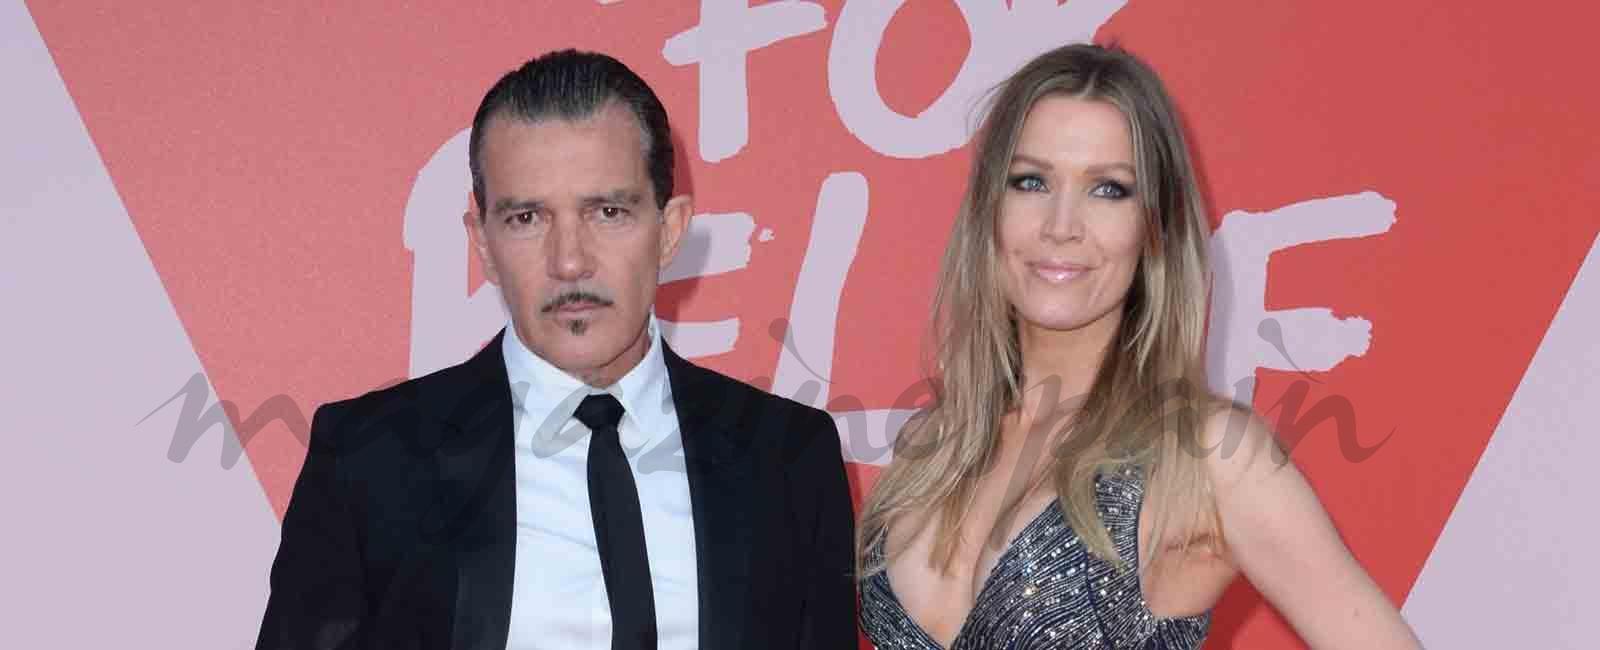 Antonio Banderas desfila con nueva imagen en Cannes